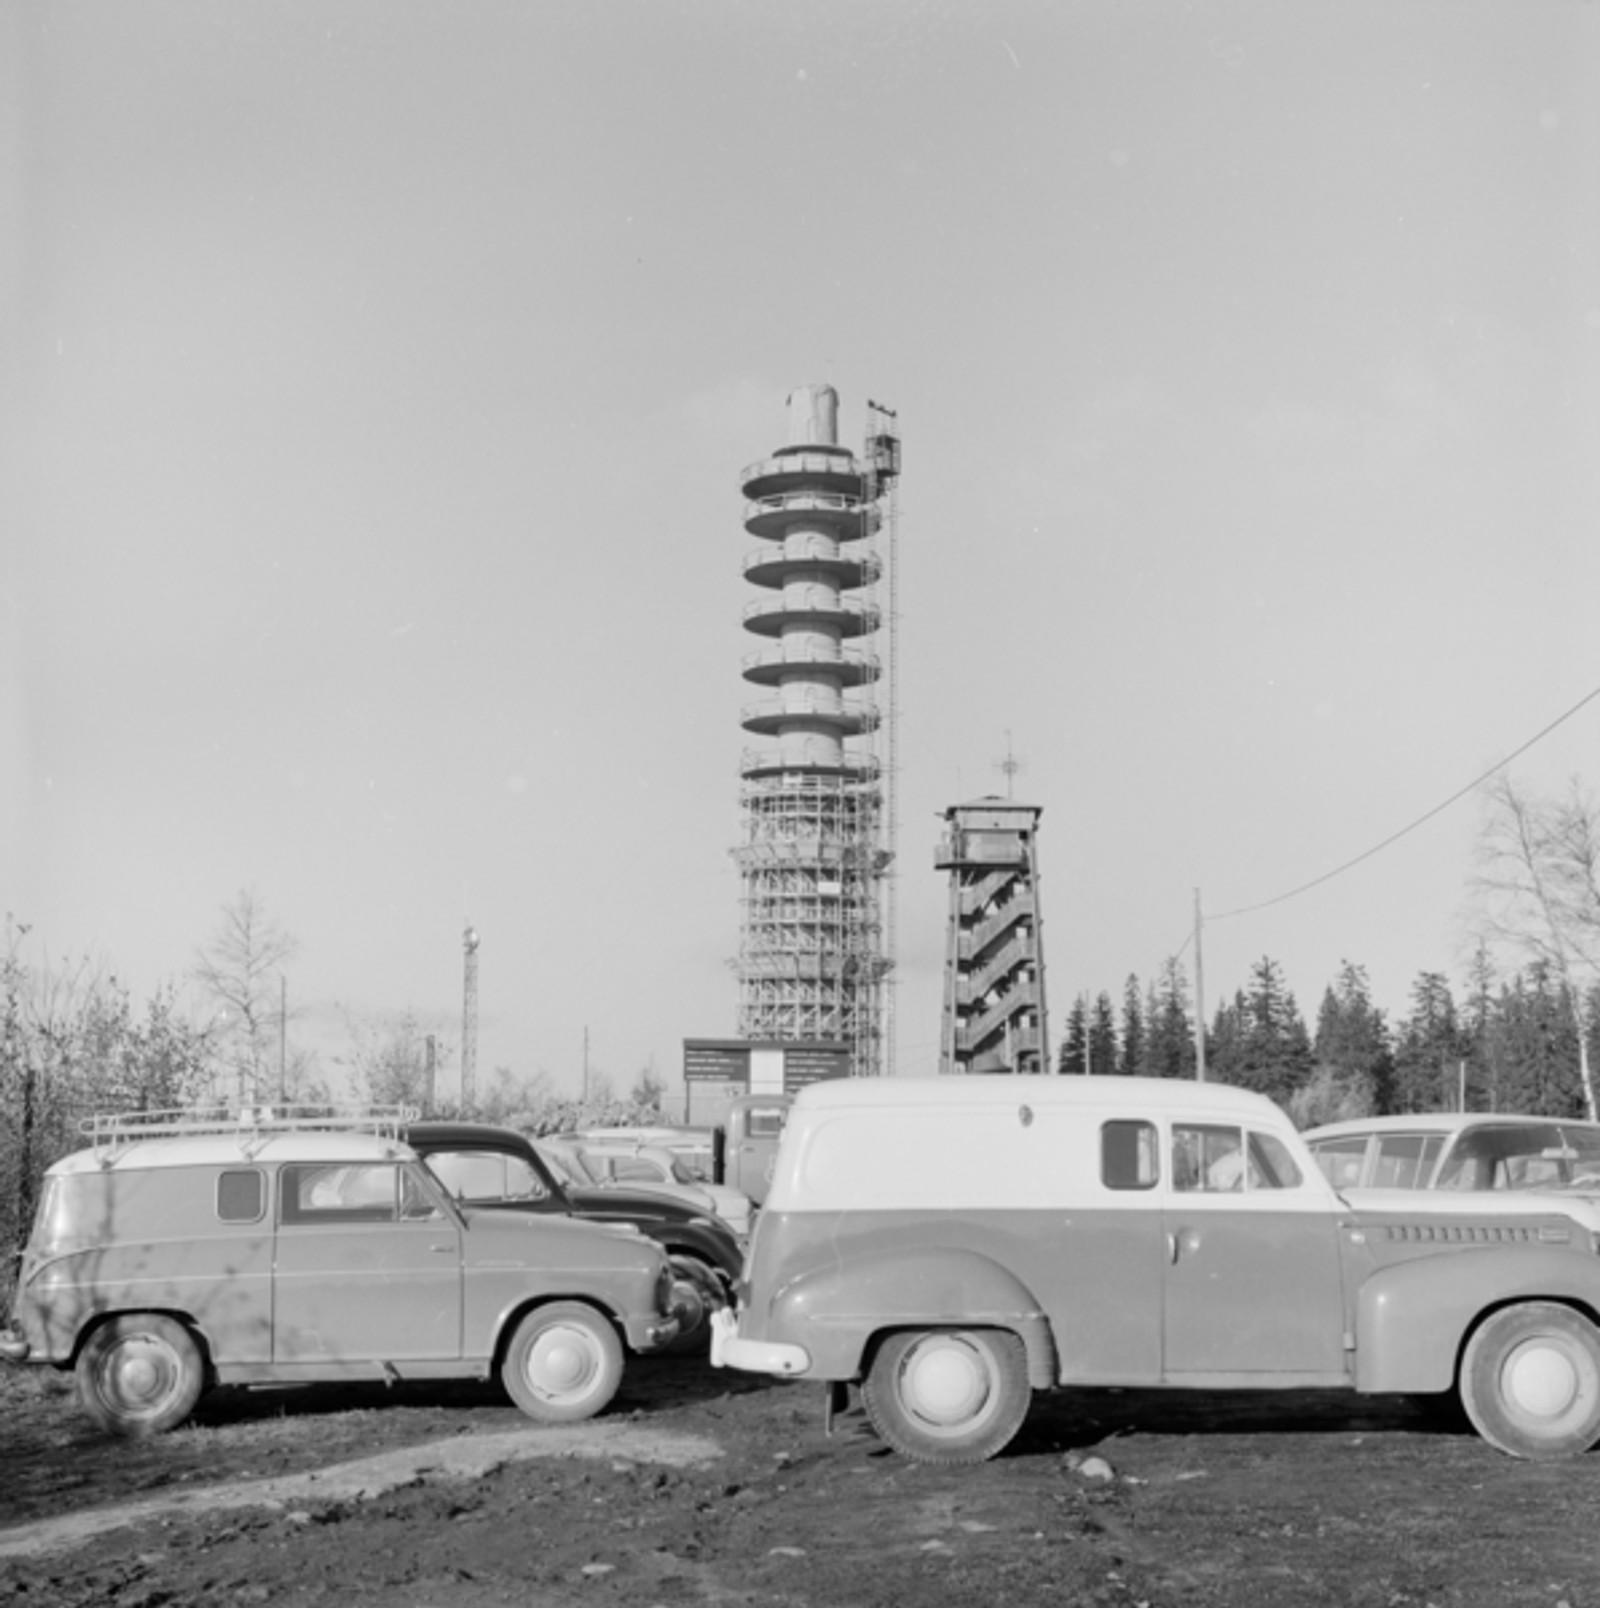 Det nye betongtårnet er under bygging mens det gamle tretårnet fremdeles står der. Bildet er tatt høsten 1960.